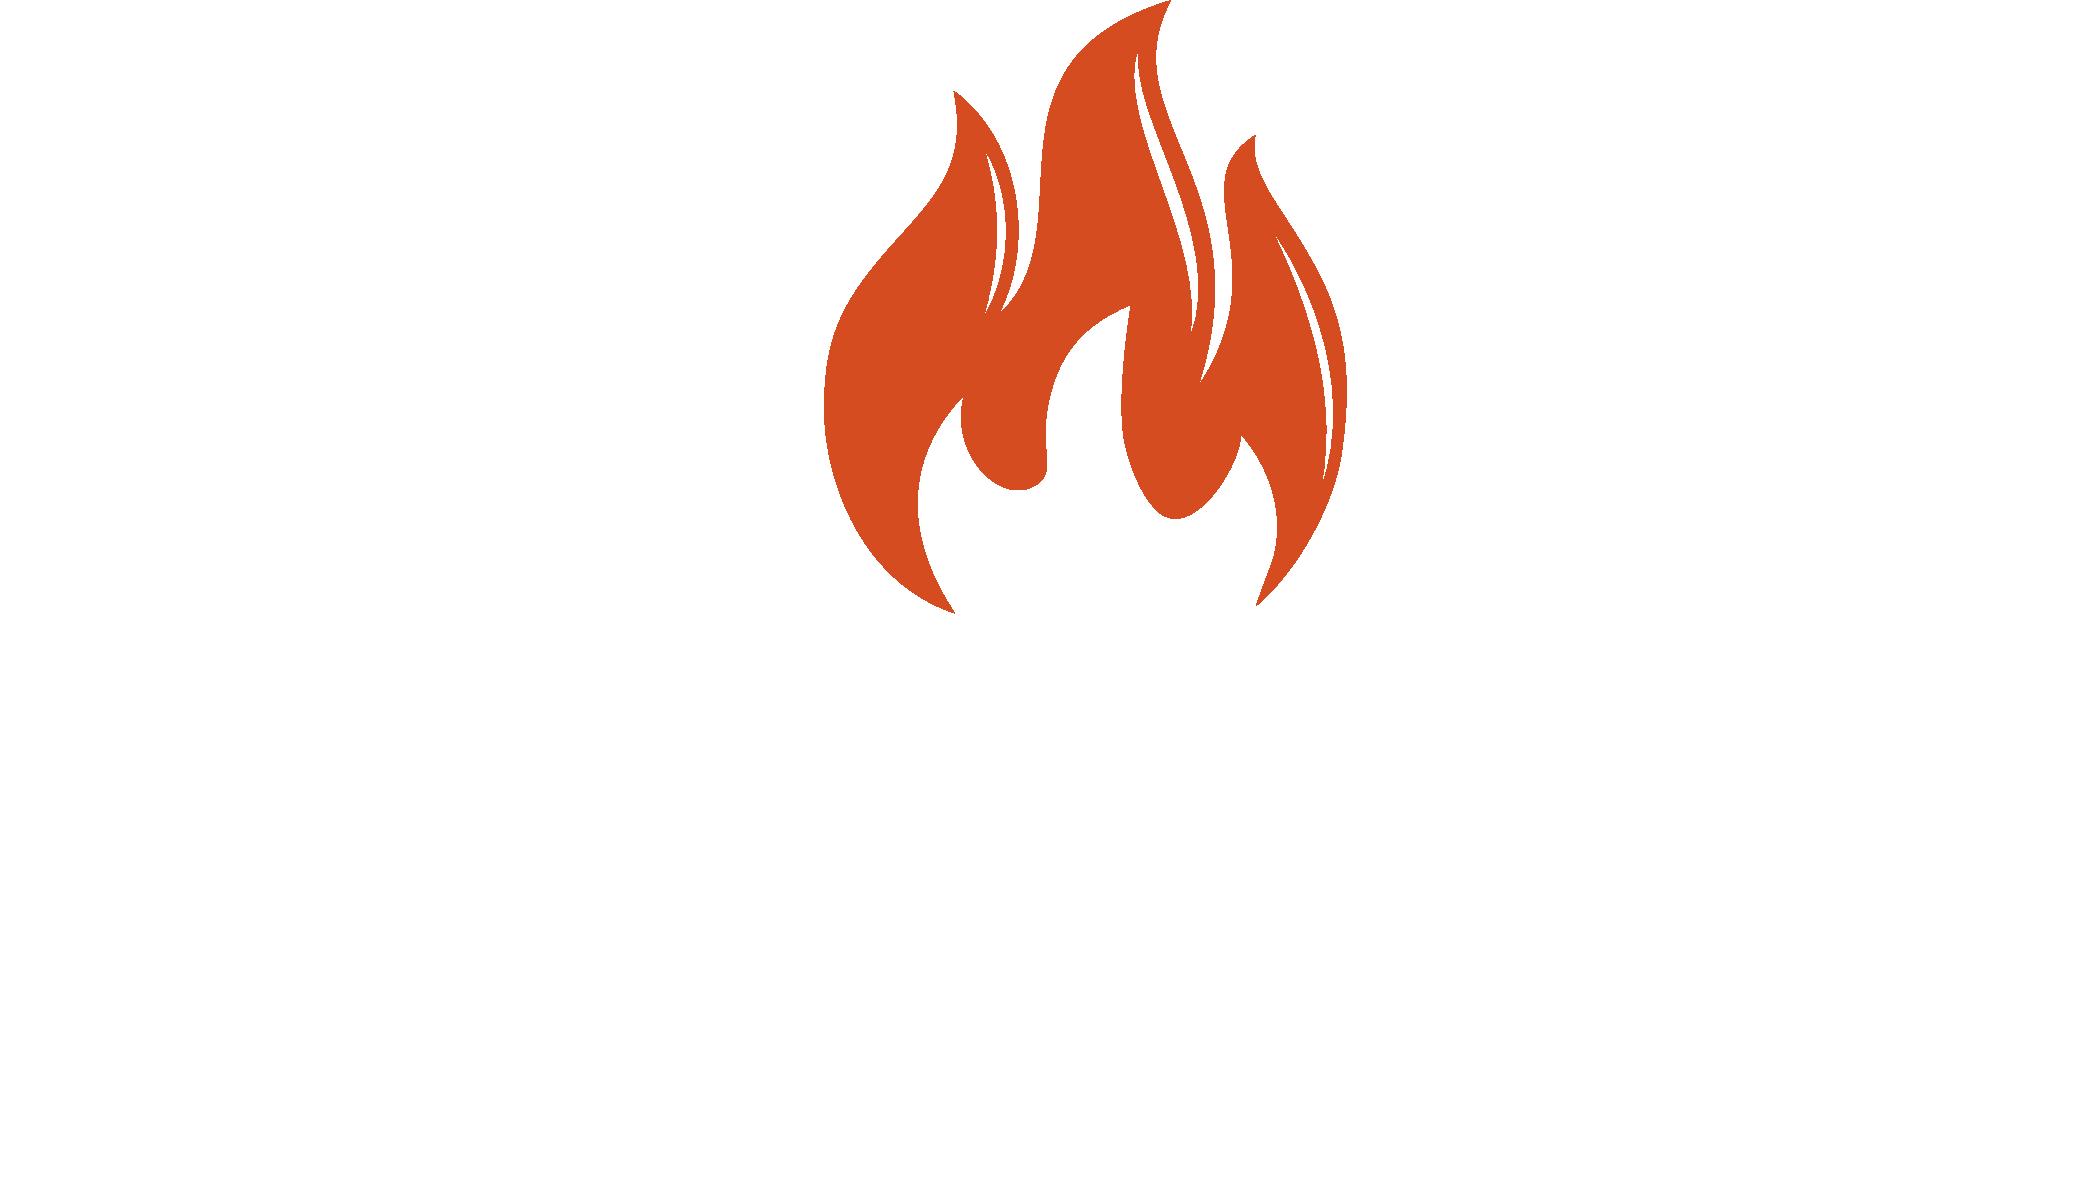 Kolen en Vuur